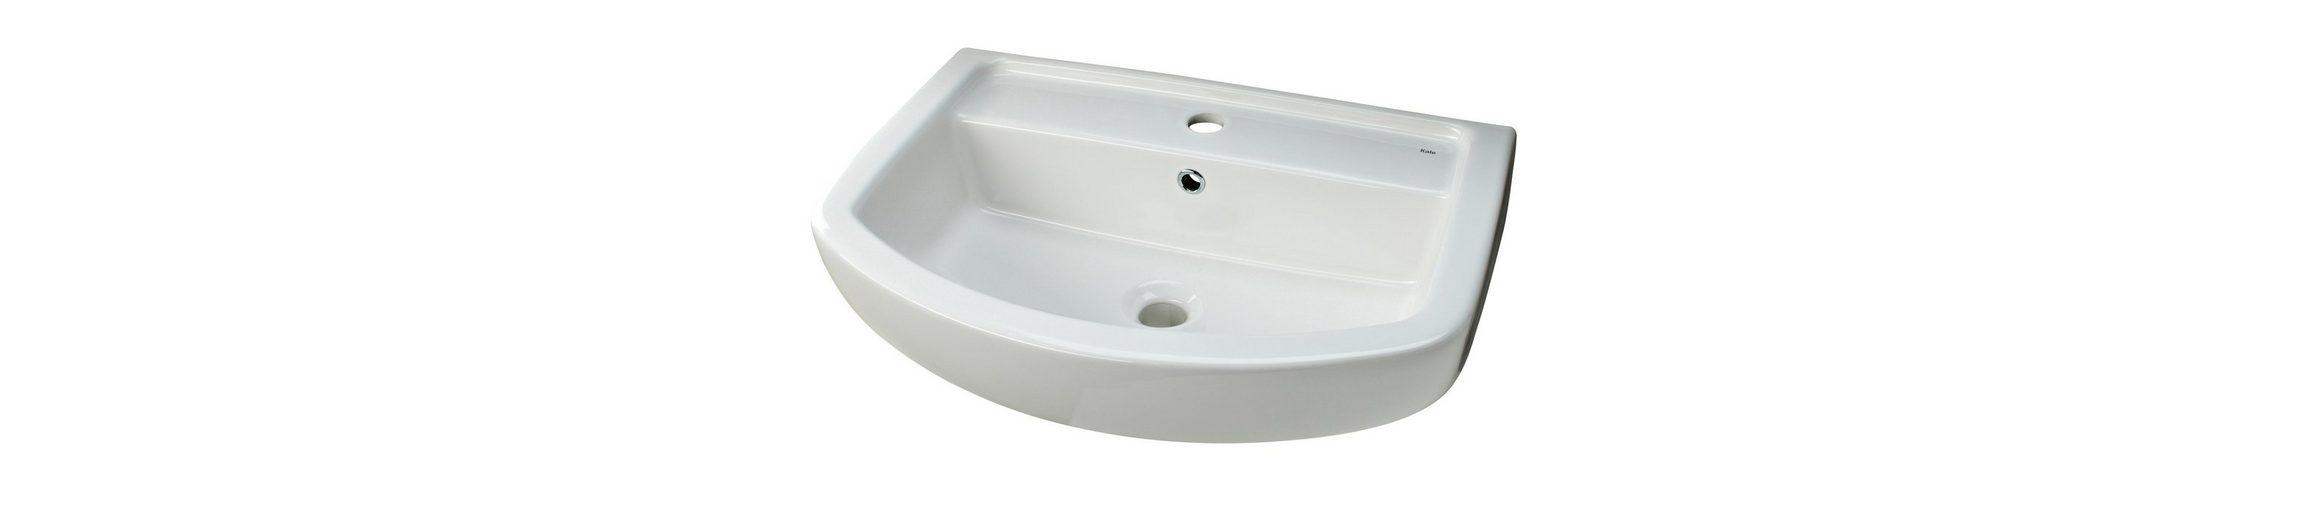 Keramik Waschtisch / Waschbecken »Ondo« 60 cm